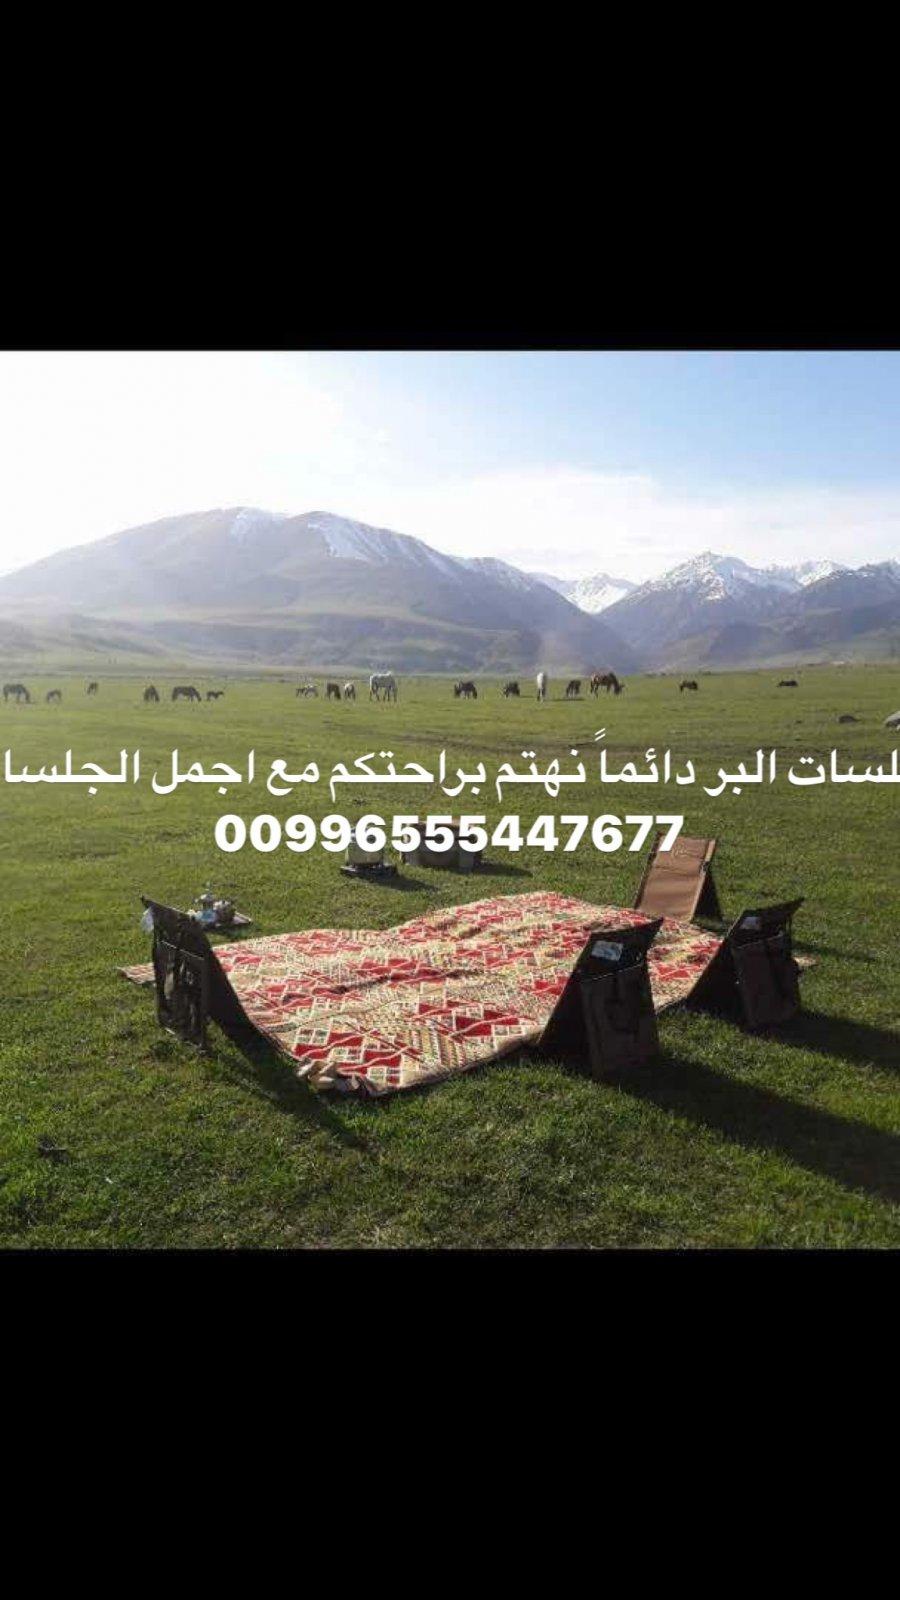 375880 المسافرون العرب أستفتاء العرب المسافرون لأجمل الدول السياحية لعام 2016